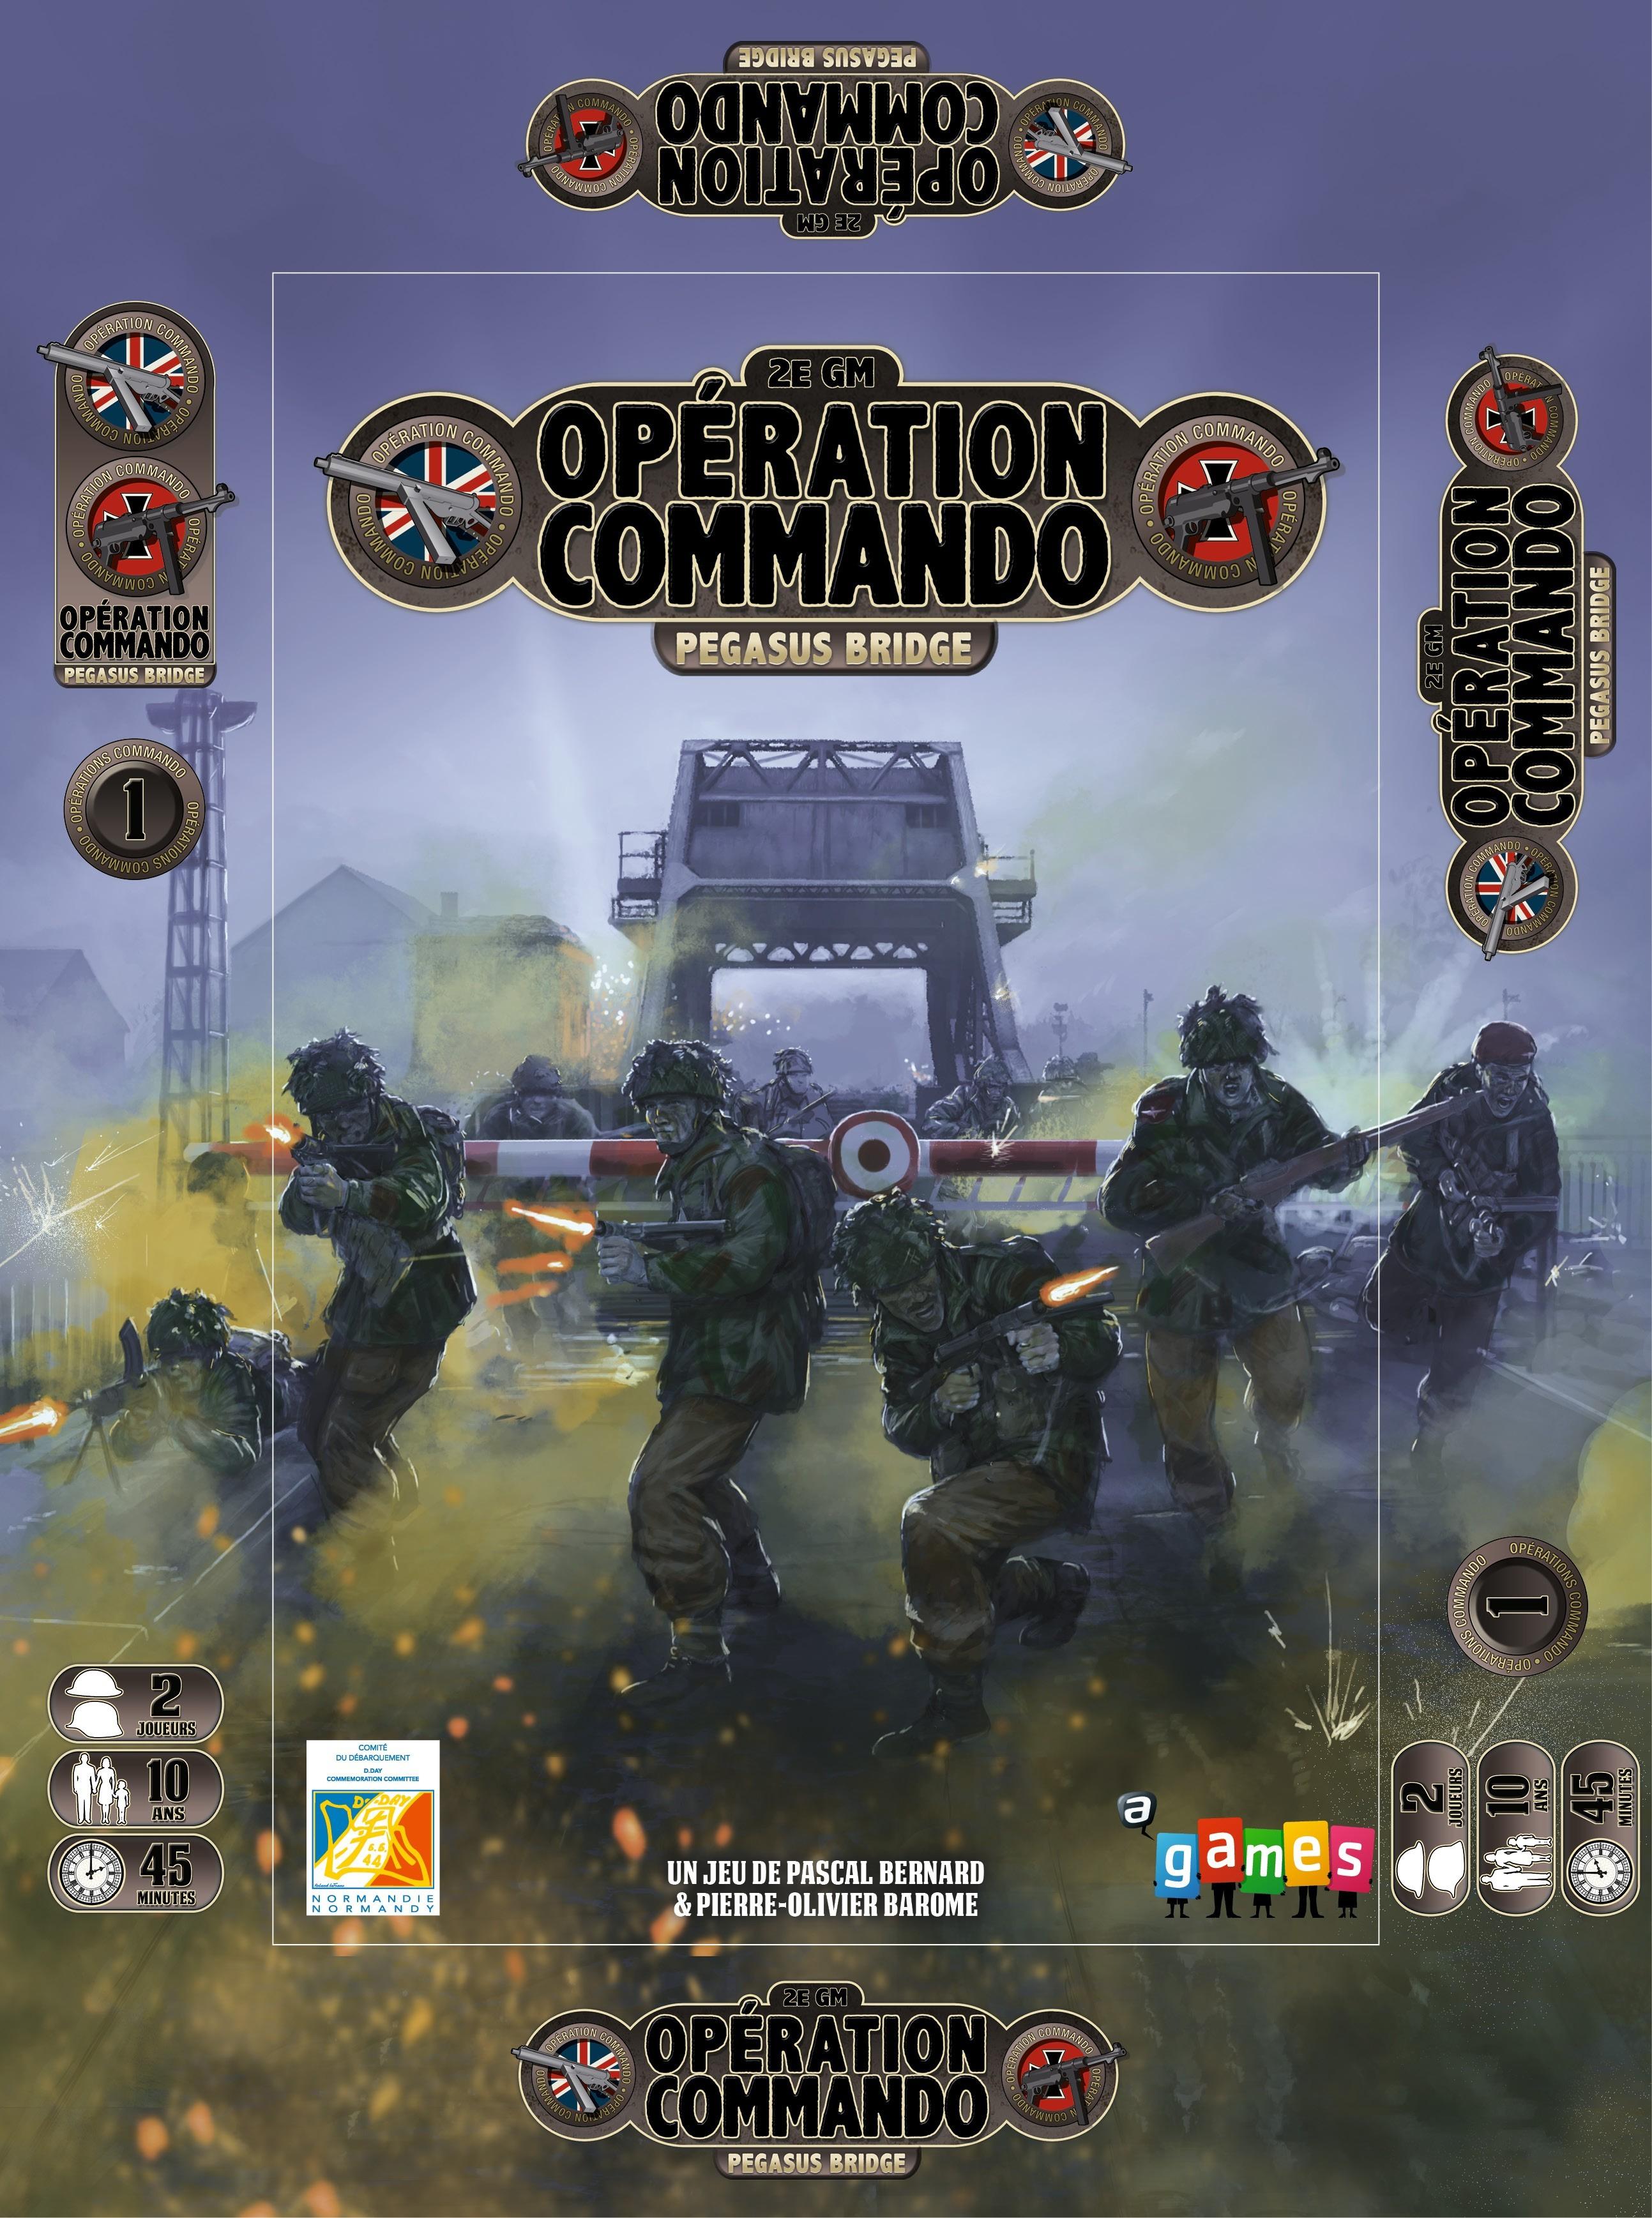 operation commando, quelle date?